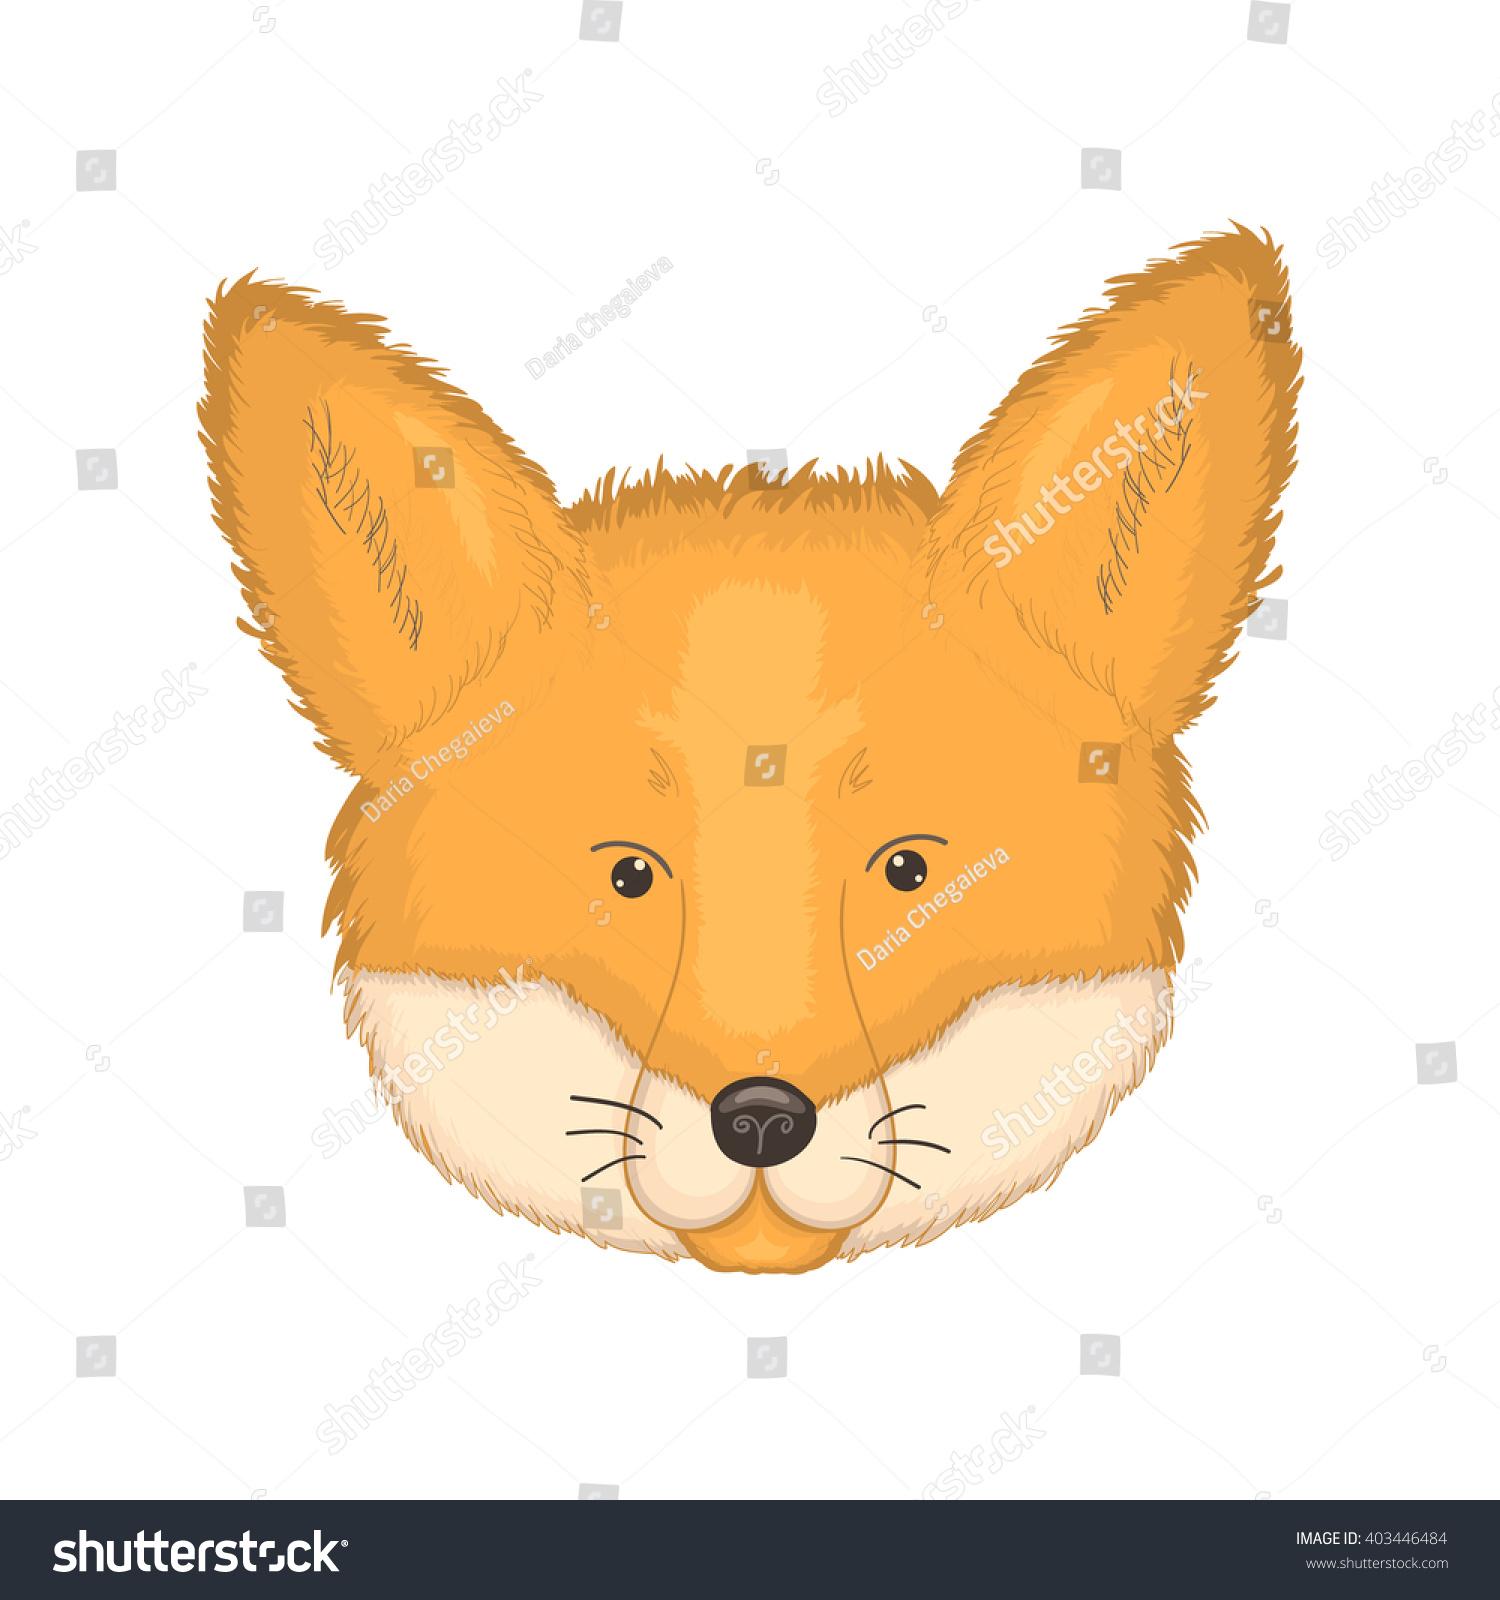 Cute cartoon fox face - photo#16